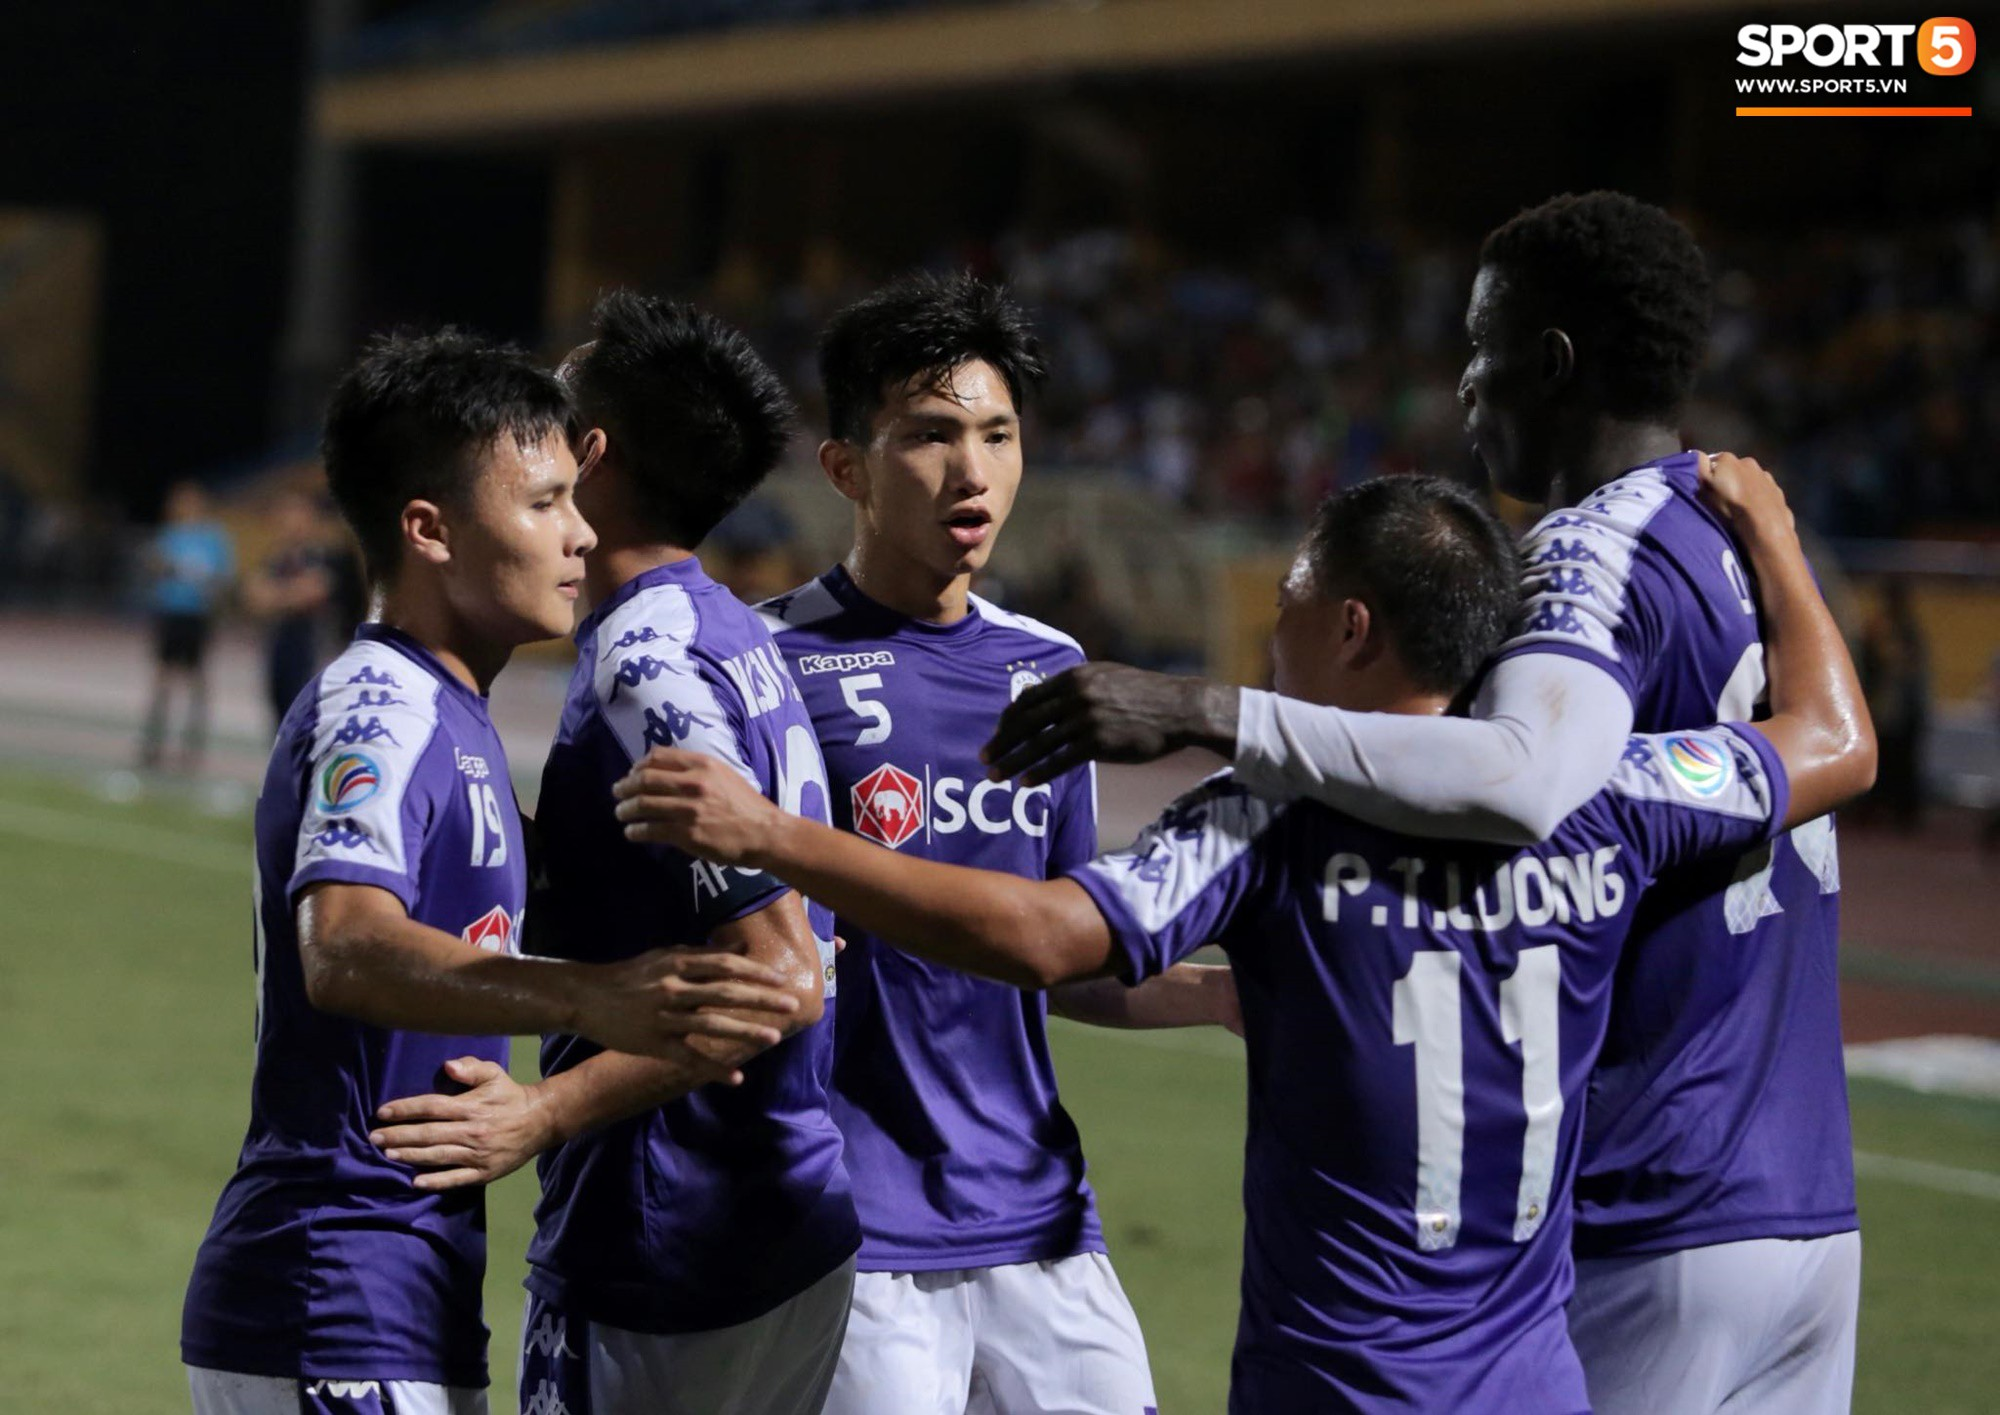 Trước tin đồn đến châu Âu thi đấu, Đoàn Văn Hậu vẫn nỗ lực hết mình vì Hà Nội FC-11